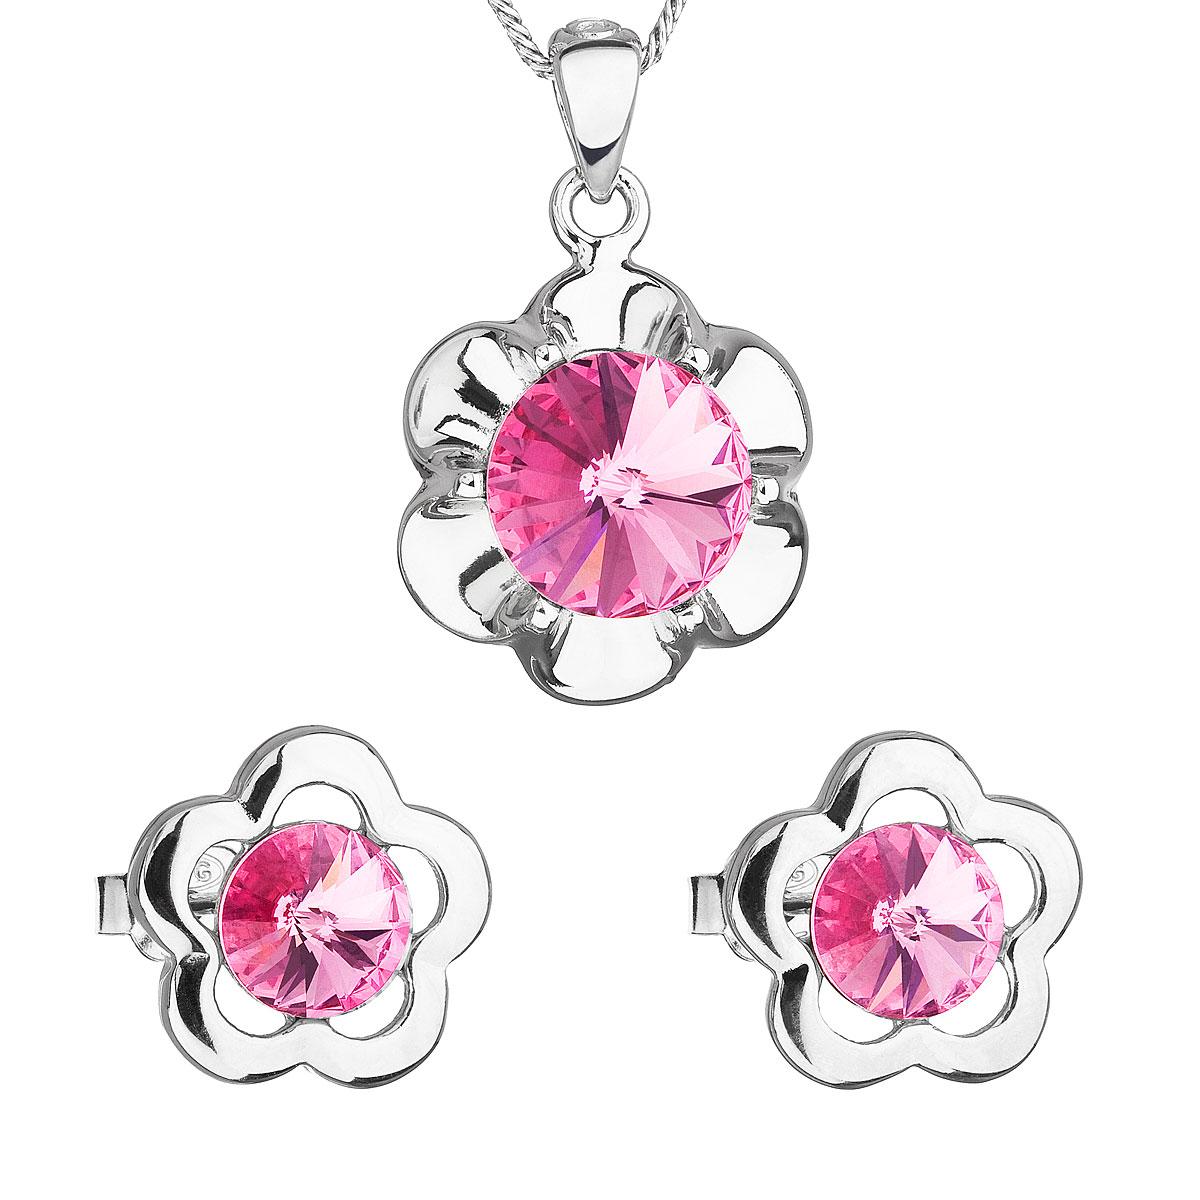 Sada šperkov s krištálmi Swarovski náušnice,retiazka a prívesok ružová kytička 39173.3